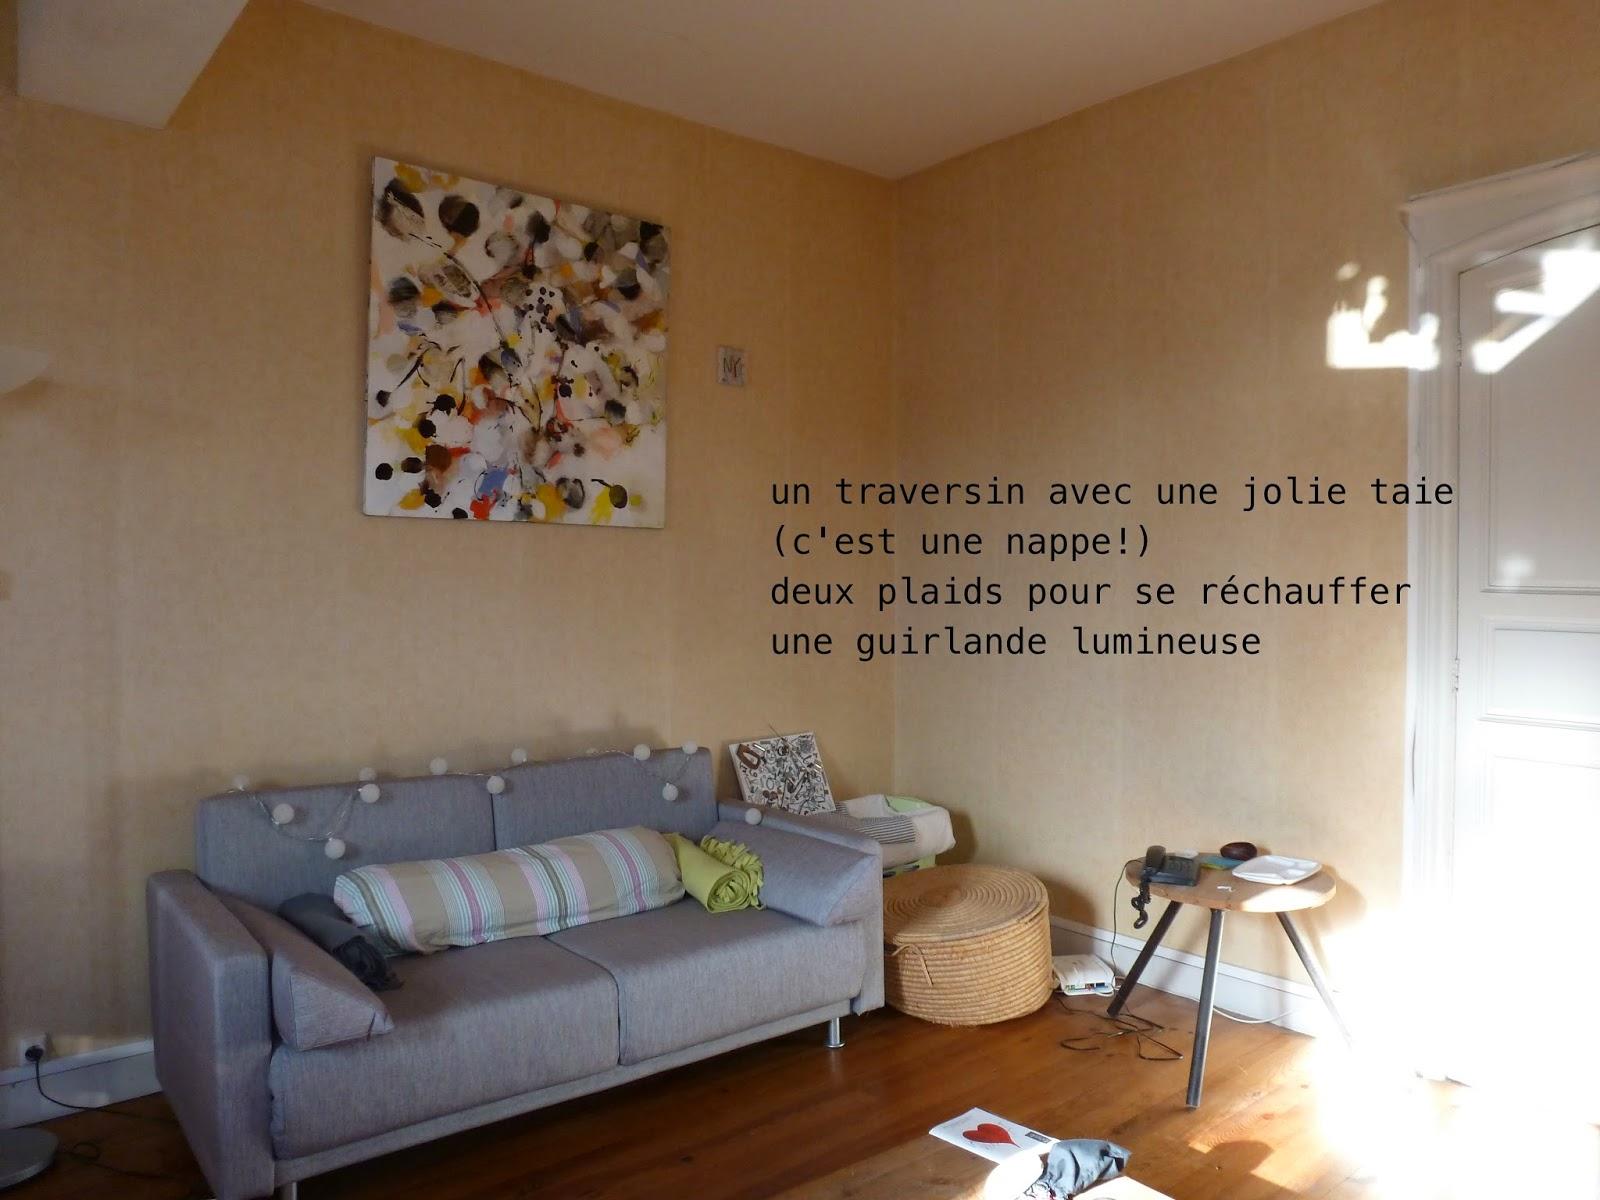 http://sophie-marie-inspirations.blogspot.fr/2012/11/petite-histoire-de-mon-salon.html